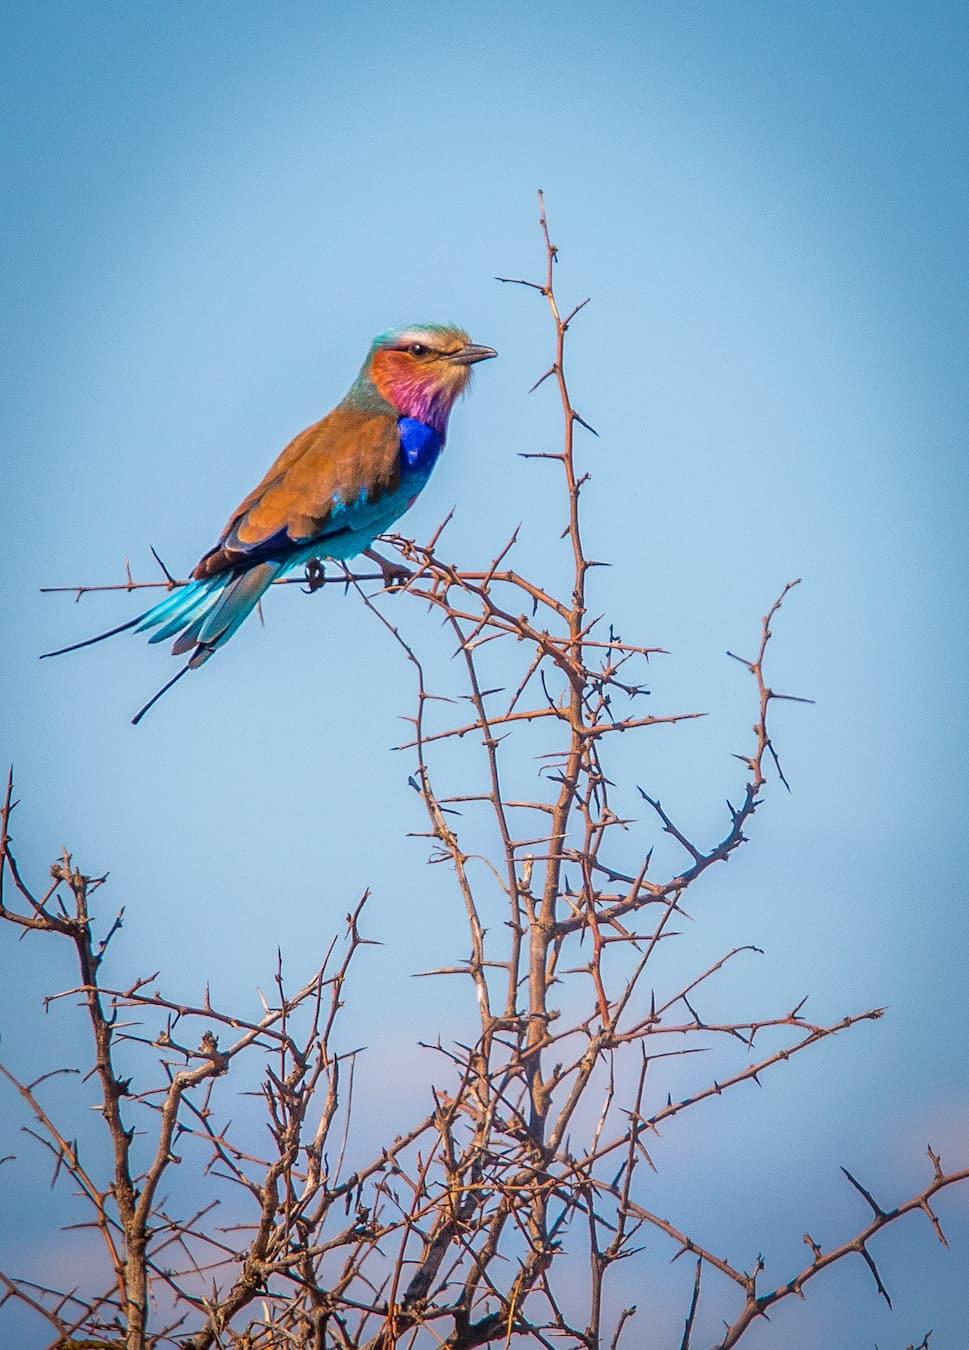 Lilac Breasted Roller in Kruger National Park